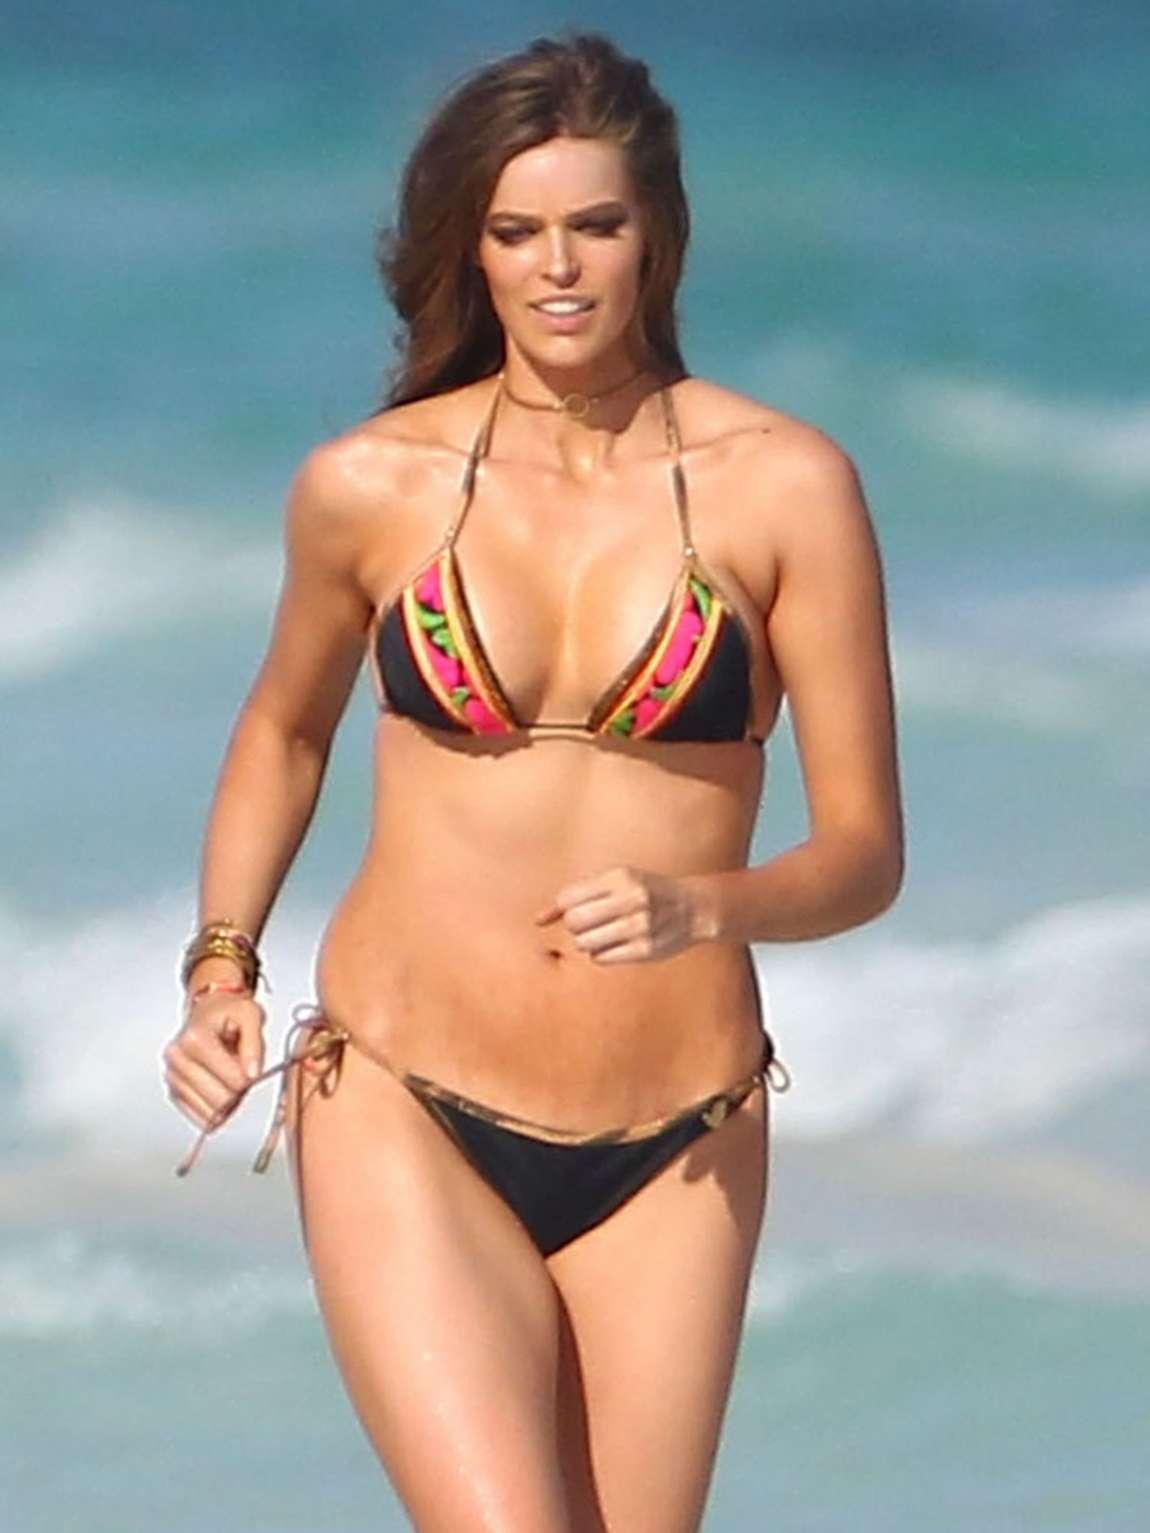 family photo shoot ideas at the beach - Robin Lawley – Bikini shoot in Cancun